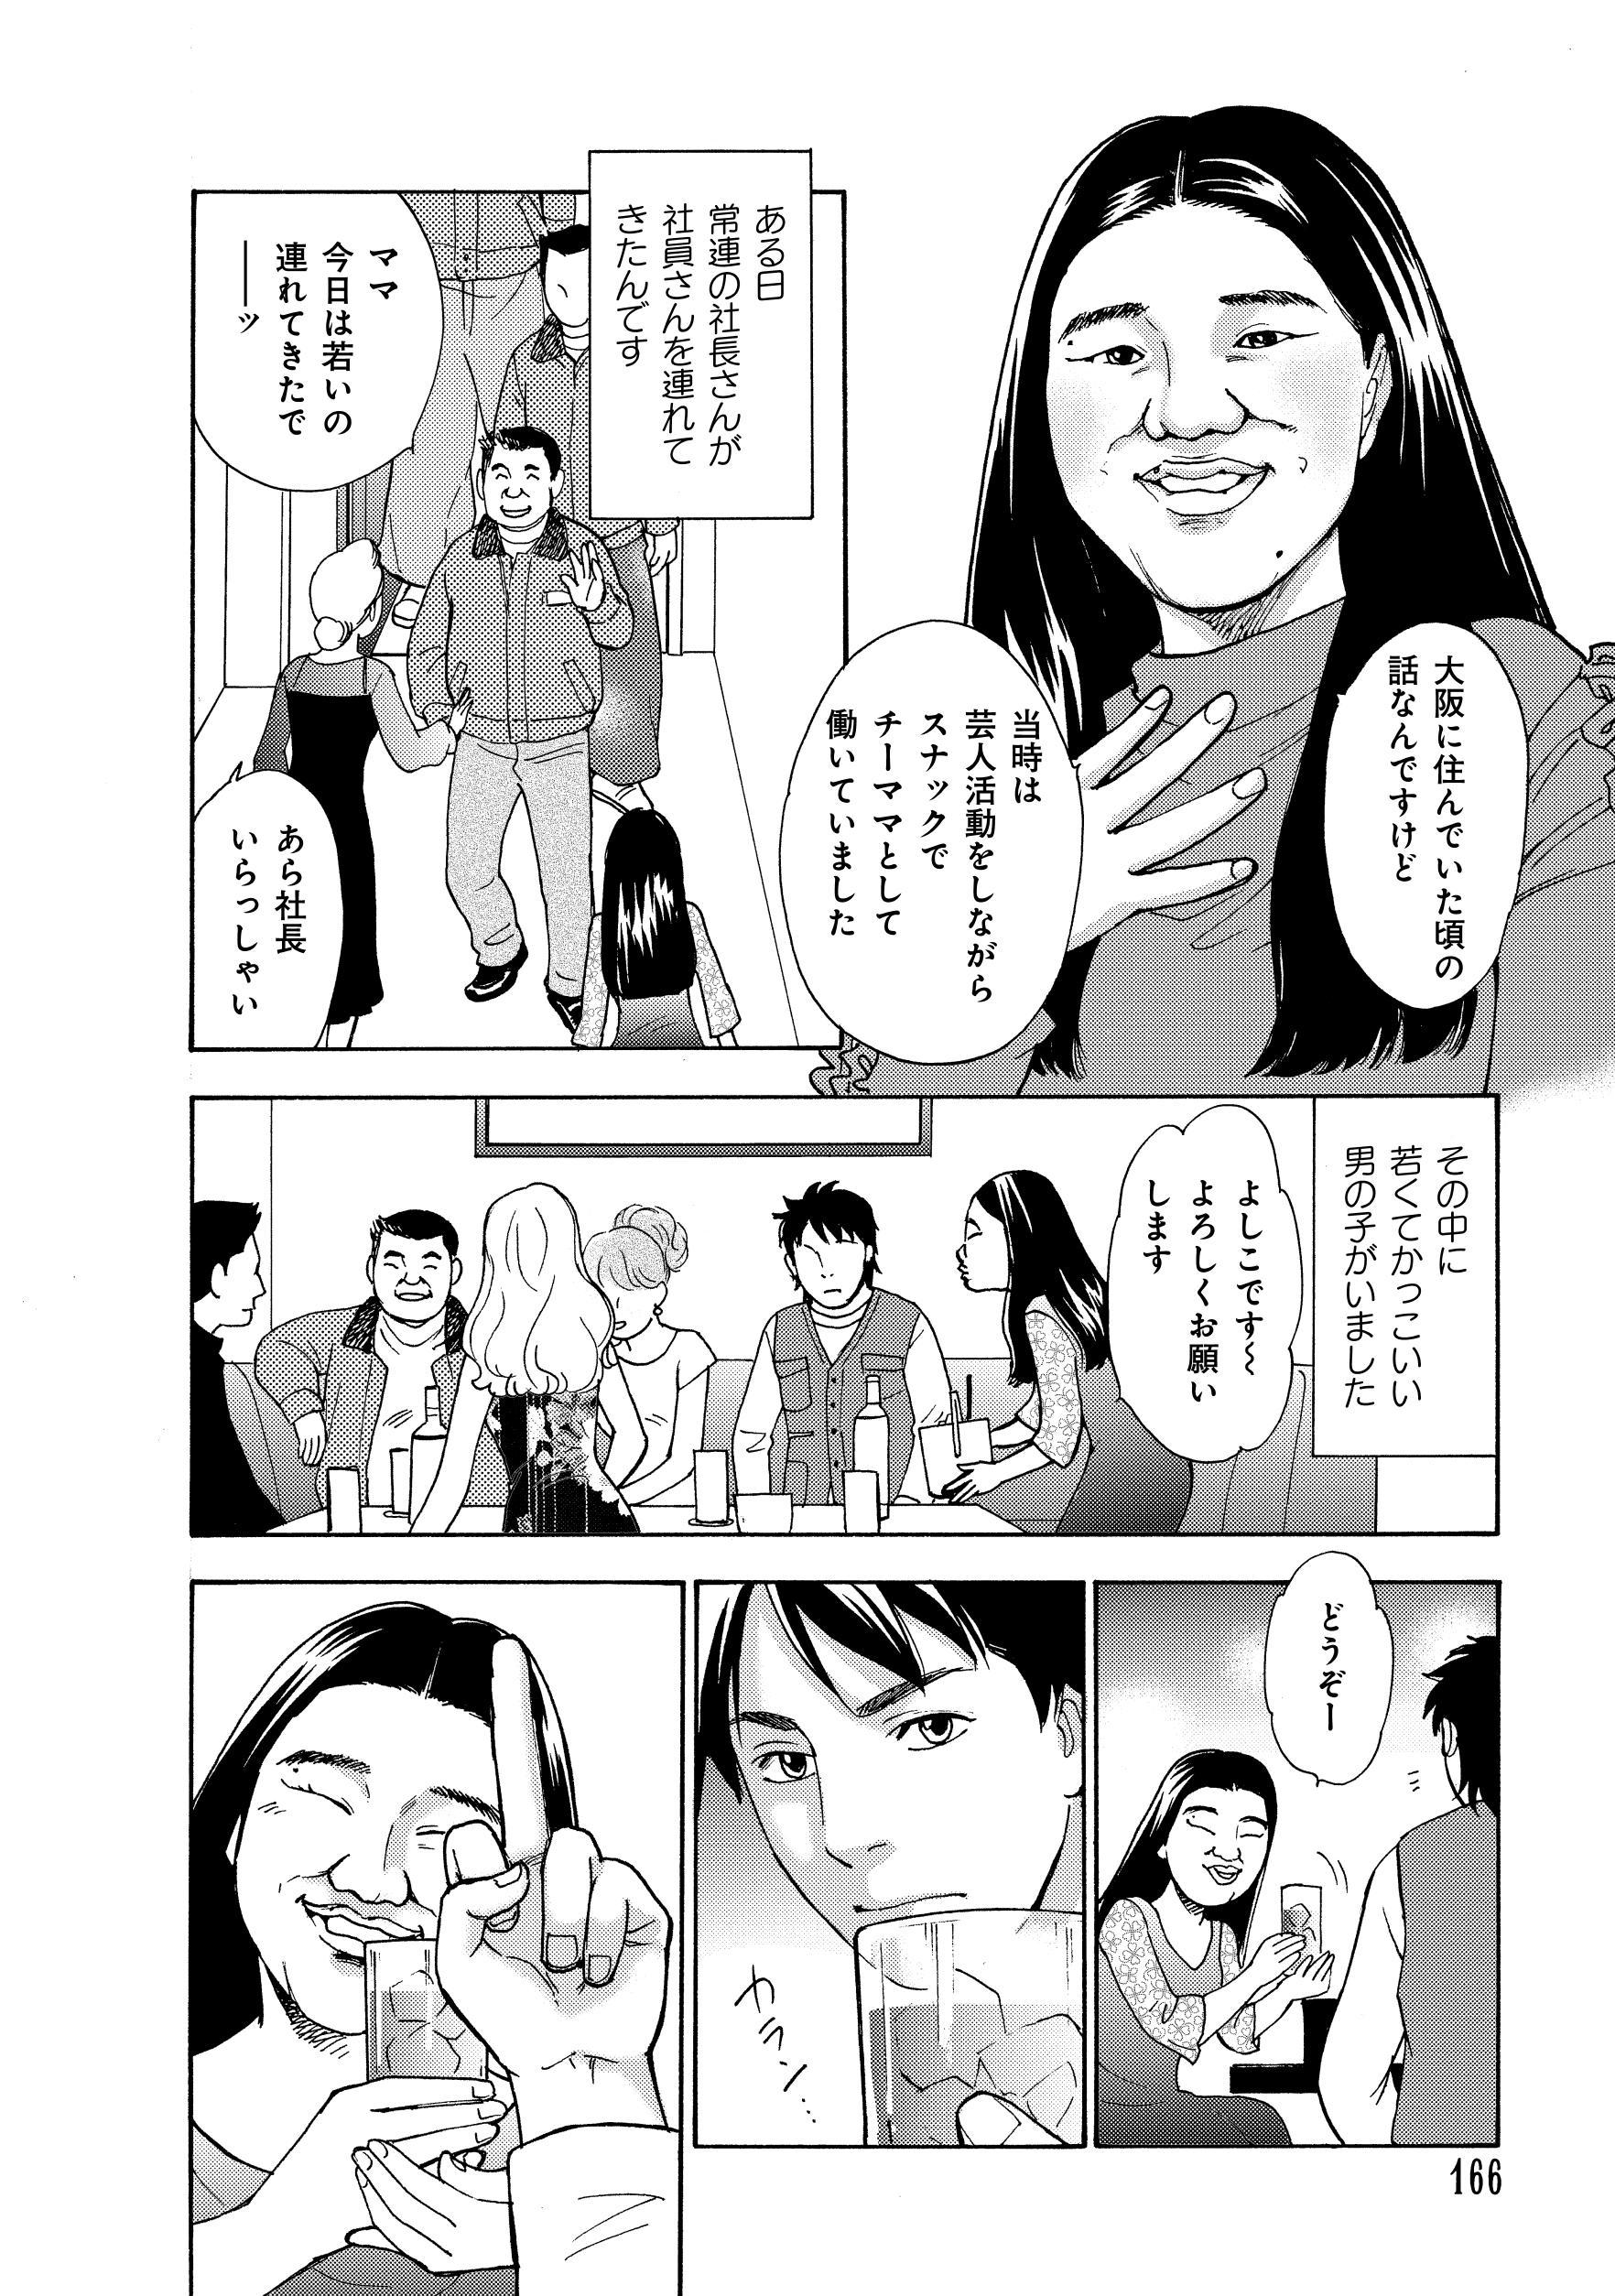 原作特集_166.jpg